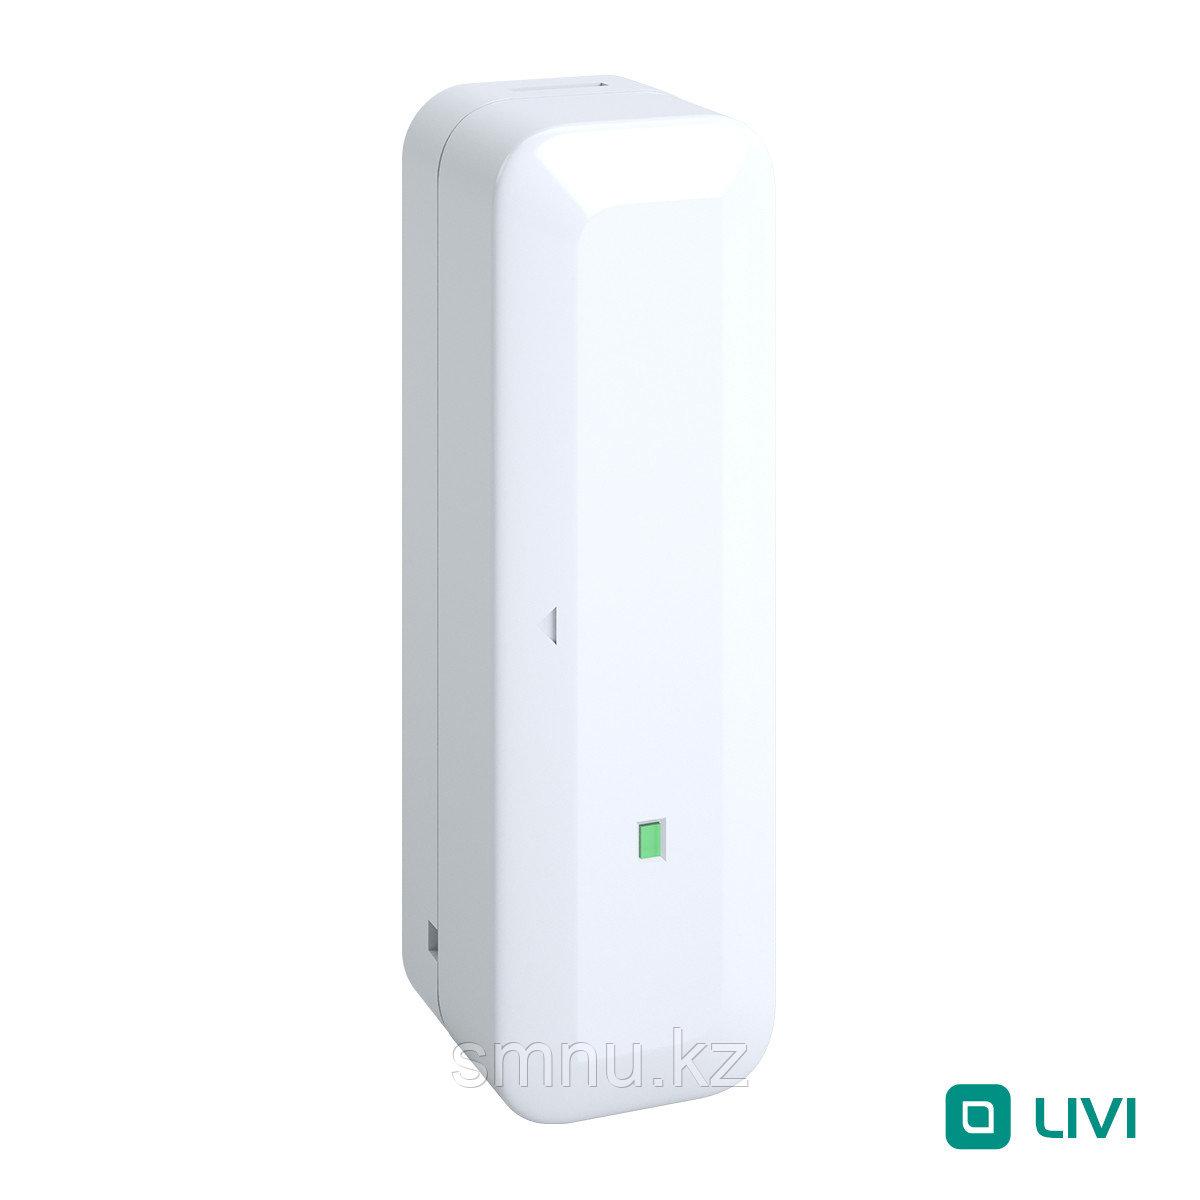 Livi TS - Датчик температуры радиоканальный